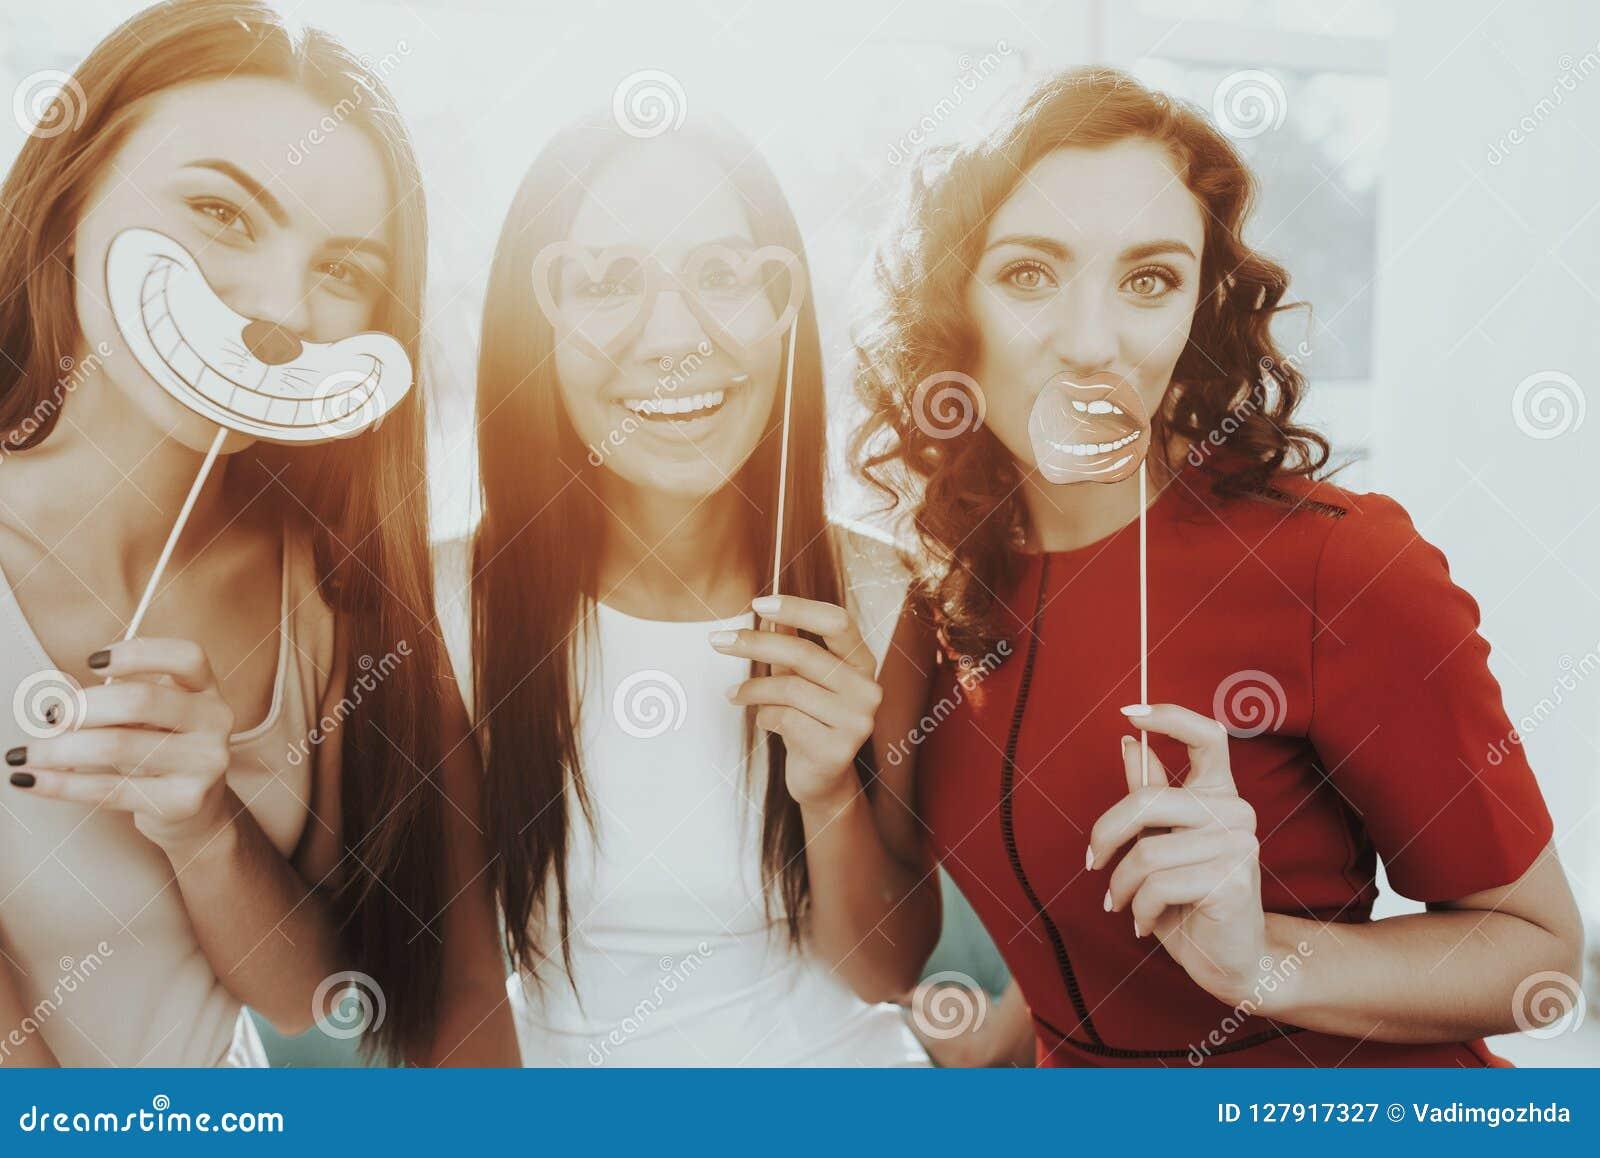 Flickor poserar med roliga diagram på möhippan